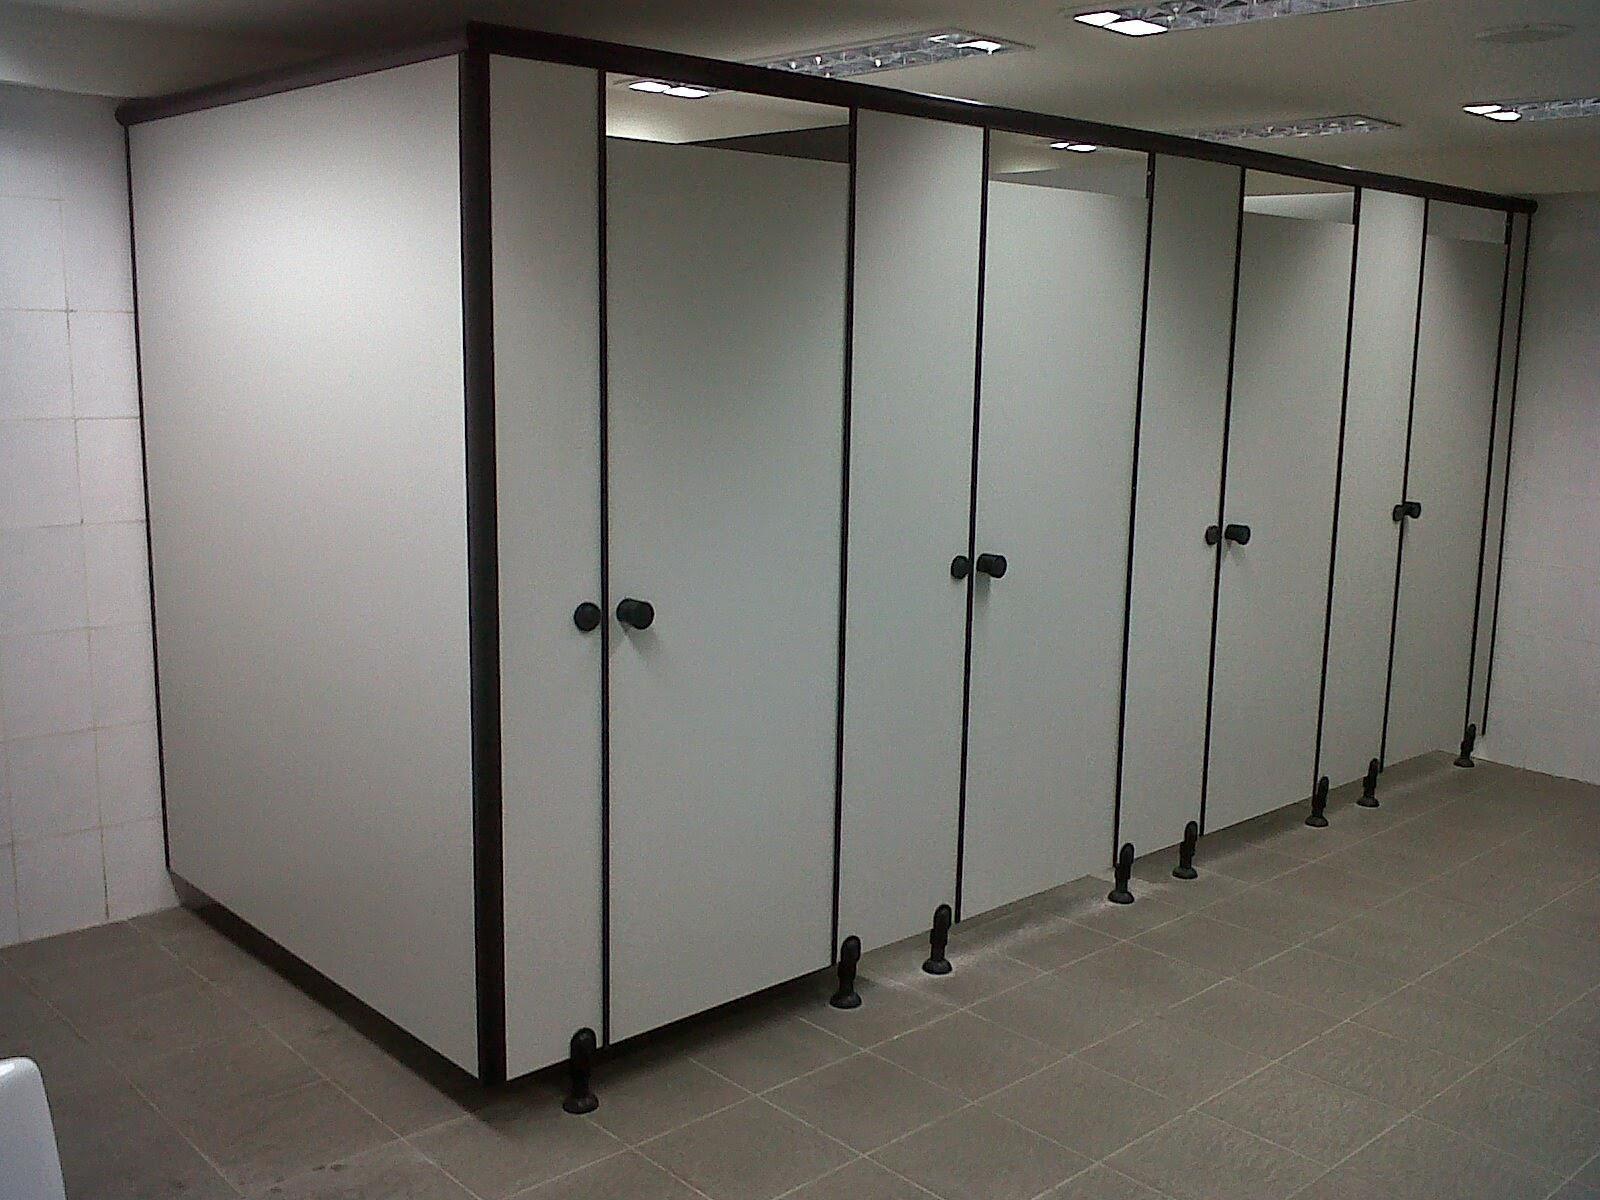 Jual Harga Cubicle Toilet Harga Murah Jakarta Oleh Pt